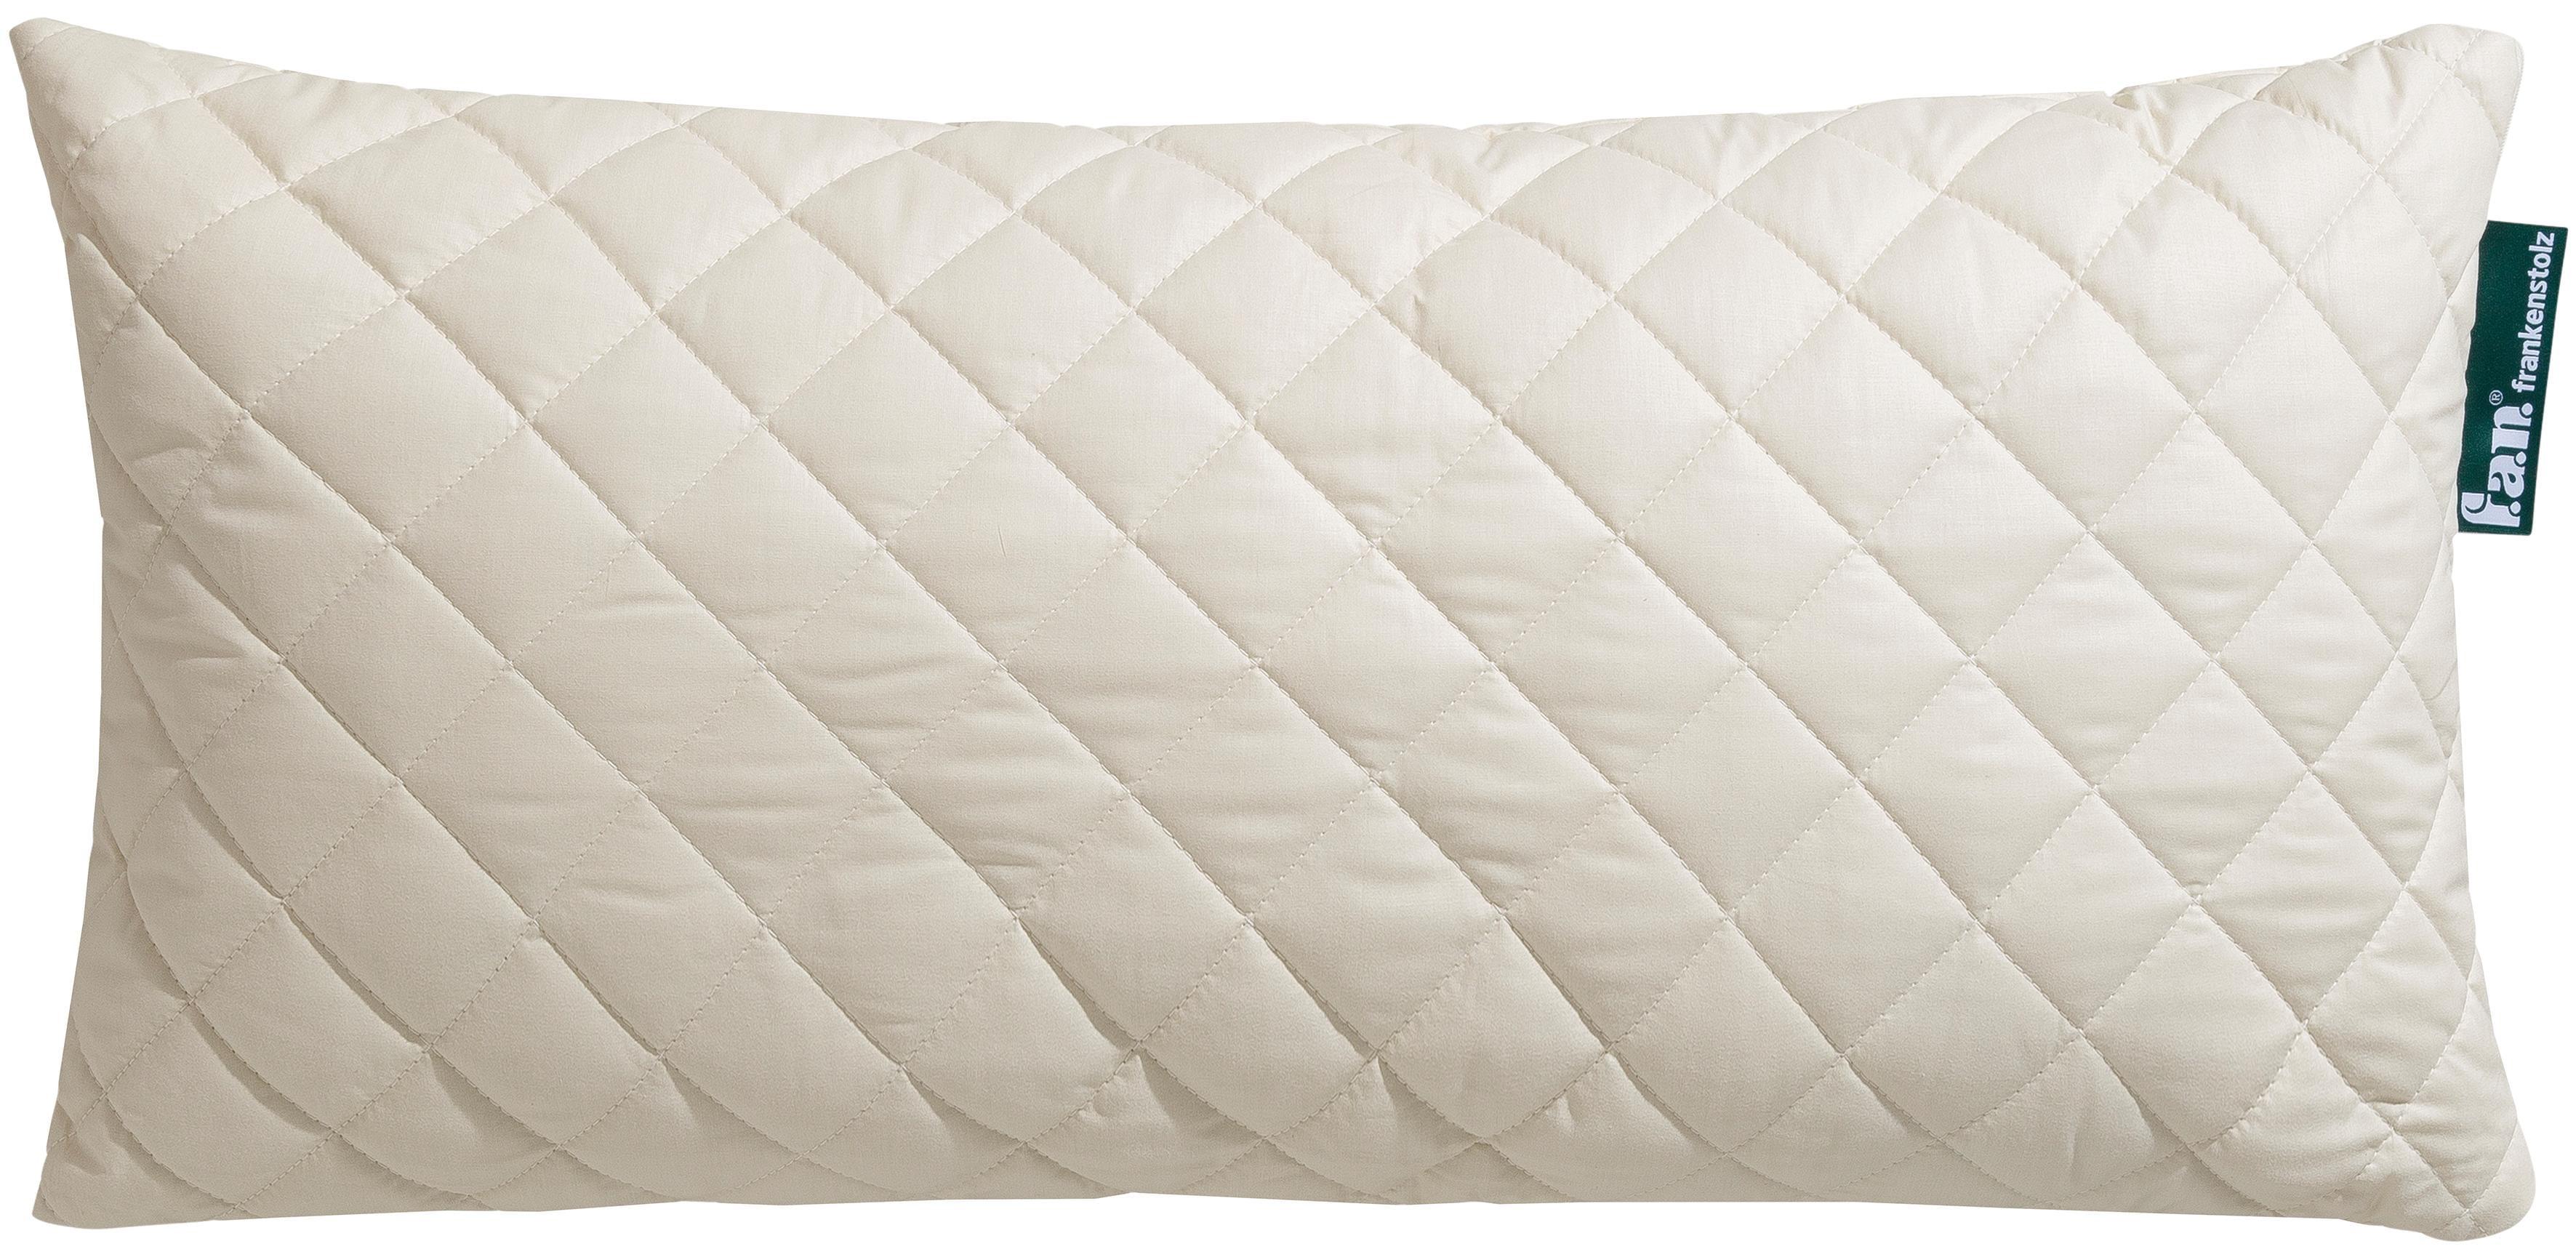 Naturfaserkissen Wolle Anti Milbe fan Frankenstolz Füllung: 97% Wolle 3% sonstige Fasern Bezug: 100% Baumwolle